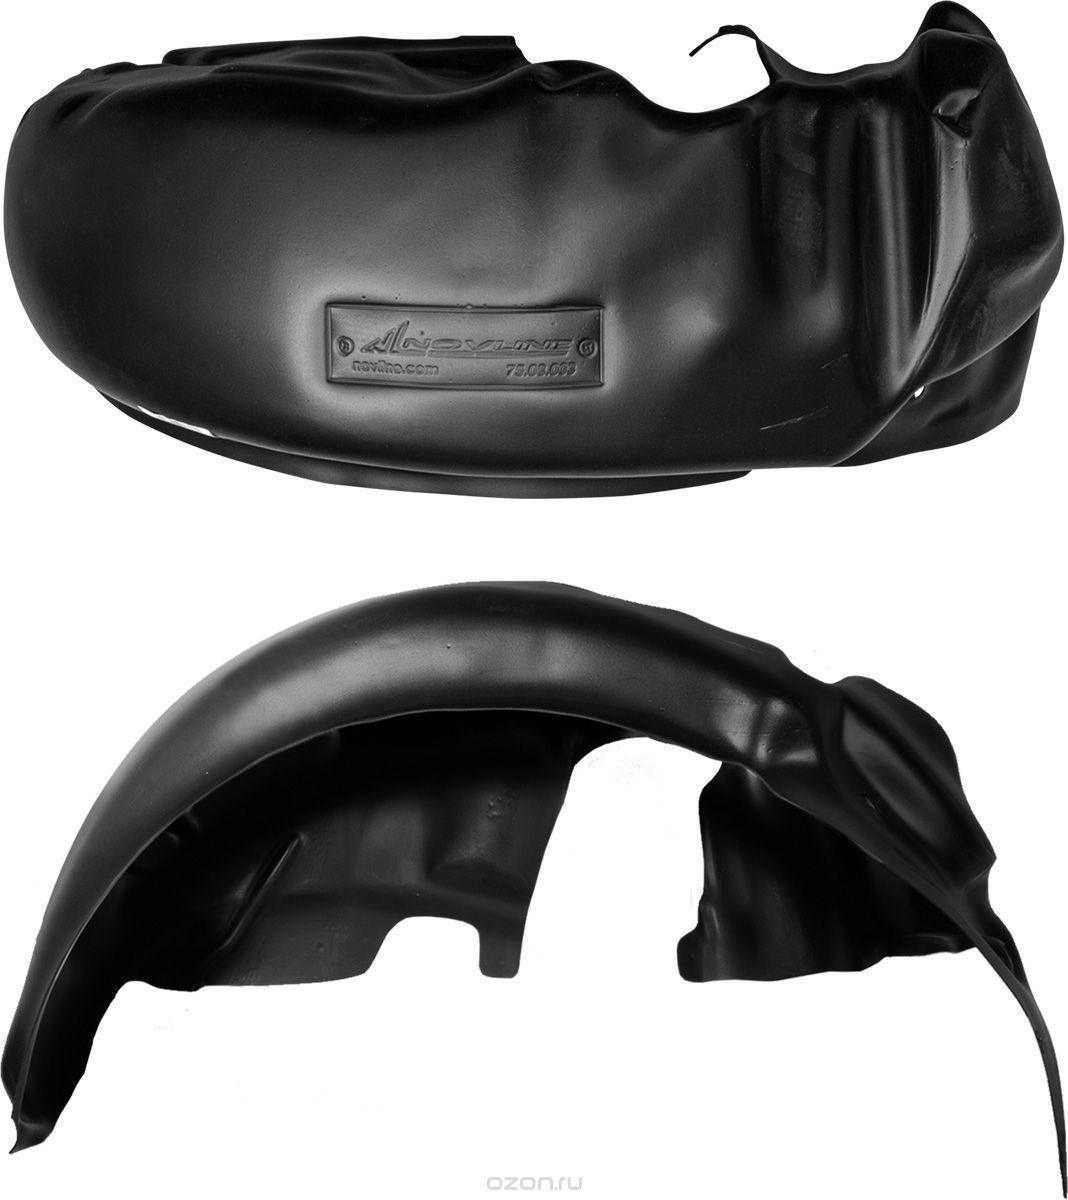 Подкрылок Novline-Autofamily, для ВАЗ 2115 1997-2012, б/б, задний правый000704Идеальная защита колесной ниши. Локеры разработаны с применением цифровых технологий, гарантируют максимальную повторяемость поверхности арки. Изделия устанавливаются без нарушения лакокрасочного покрытия автомобиля, каждый подкрылок комплектуется крепежом. Уважаемые клиенты, обращаем ваше внимание, что фотографии на подкрылки универсальные и не отражают реальную форму изделия. При этом само изделие идет точно под размер указанного автомобиля.